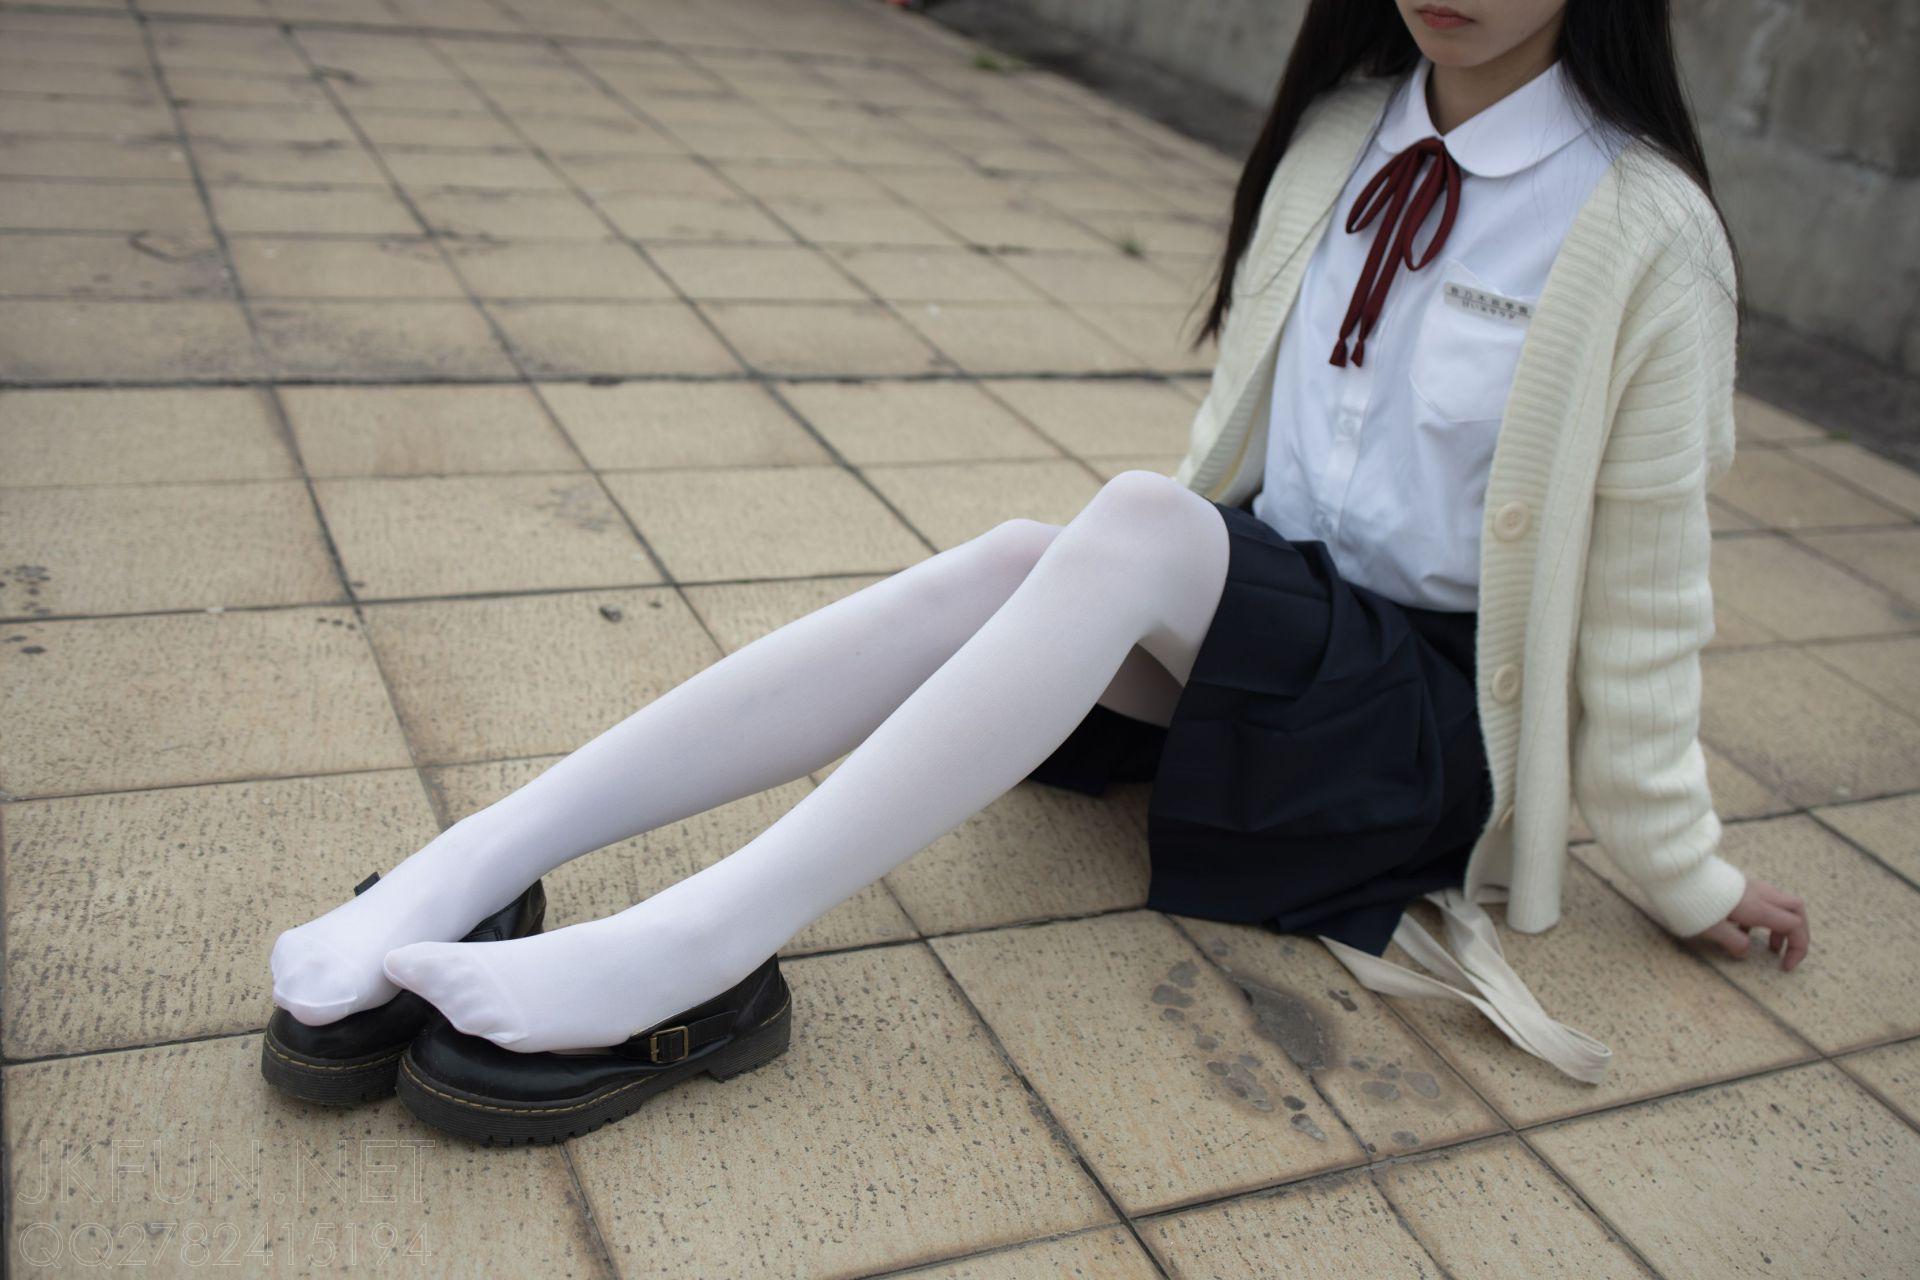 【森萝财团】 森萝财团写真 – JKFUN-001 甜米 纯纯的白丝学妹 [104P-1V-2.24GB] JKFUN 第4张